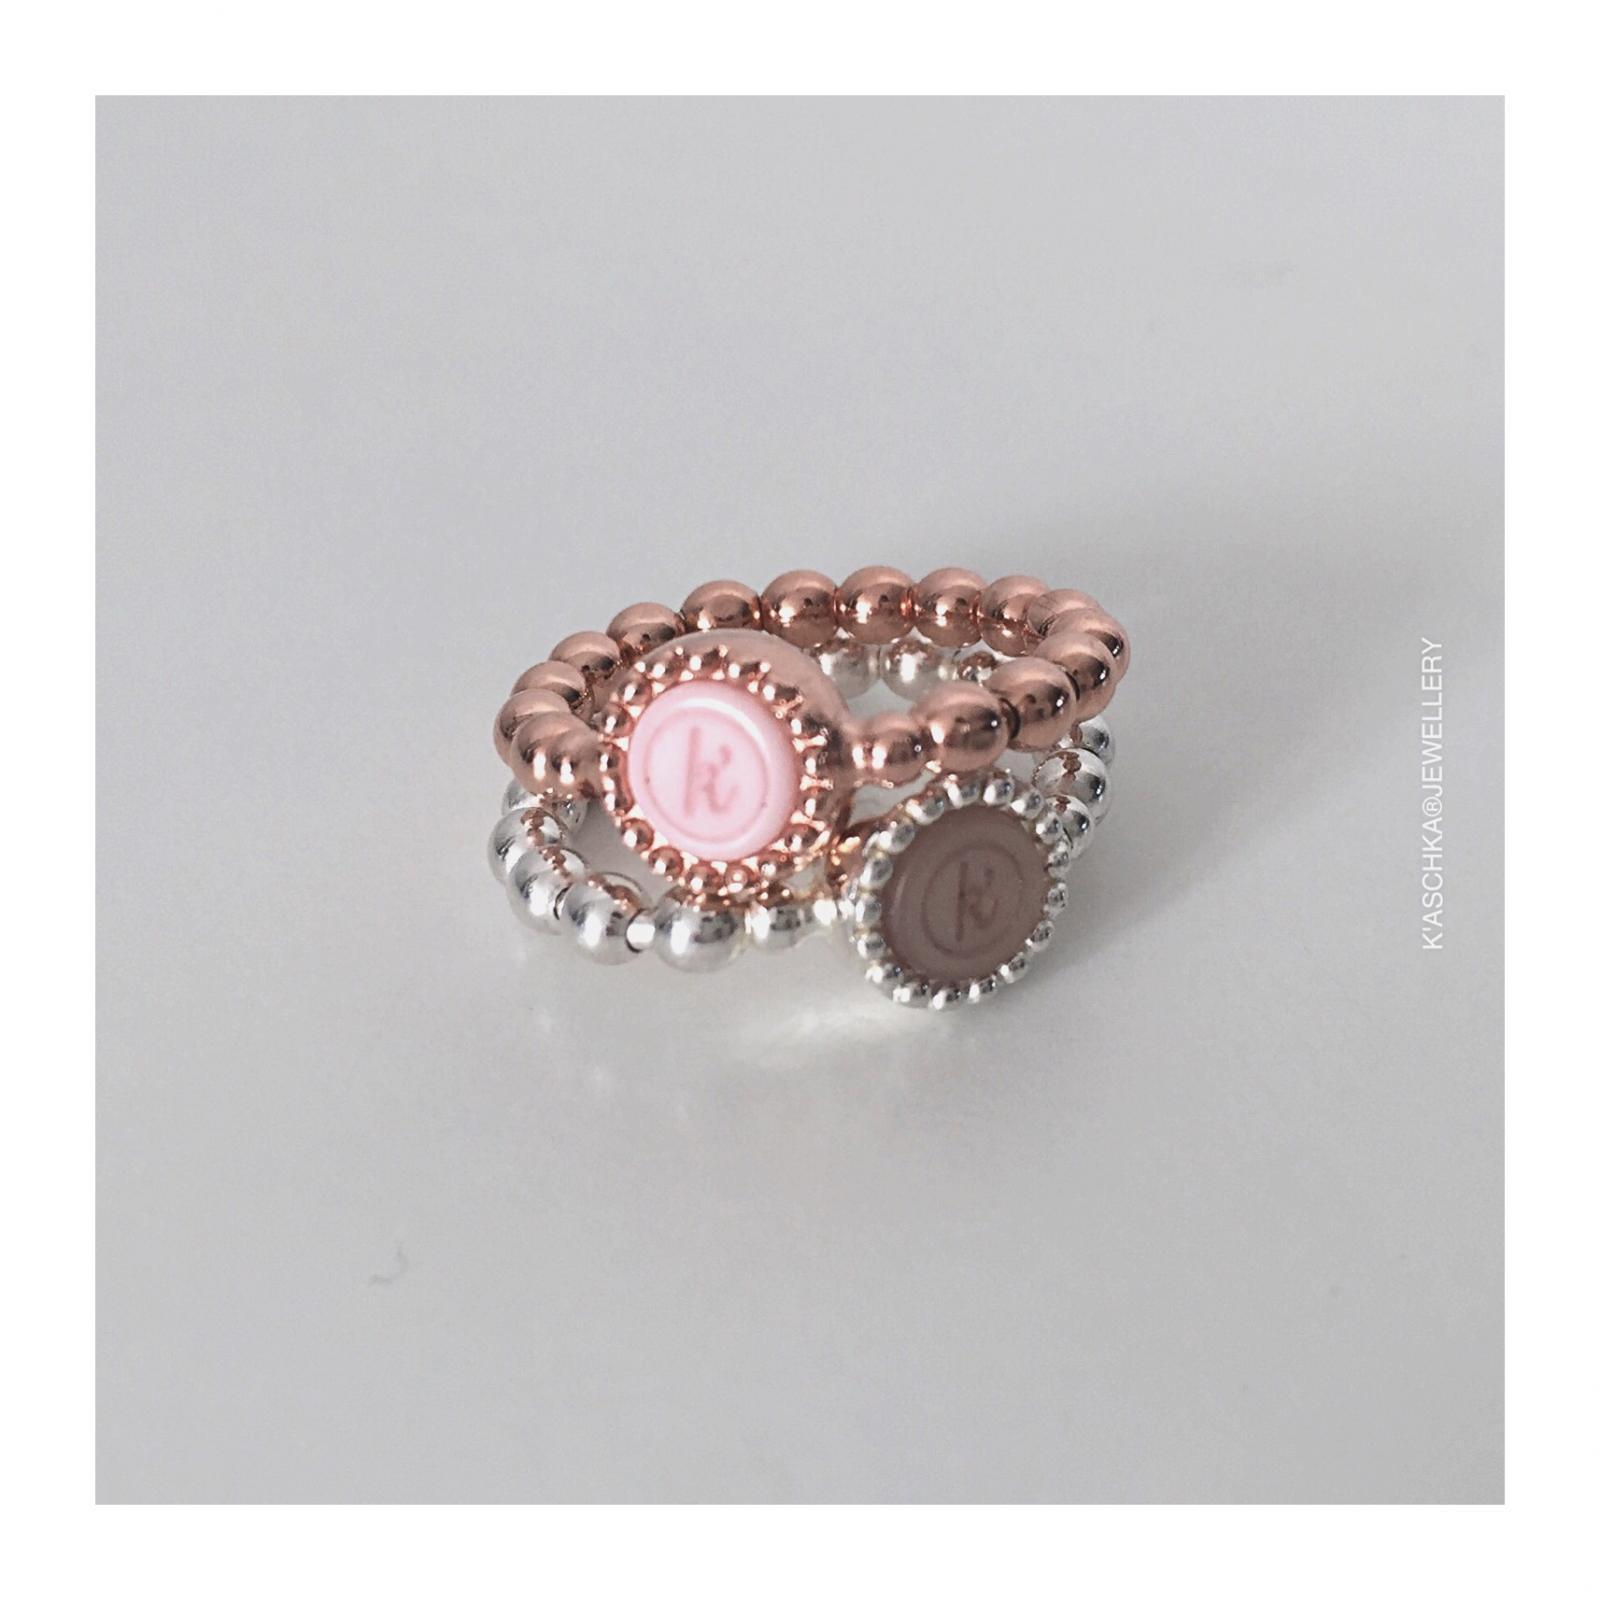 Flexibele 925 sterling zilveren rose vergulde ring Flexibele 925 sterling zilveren ring